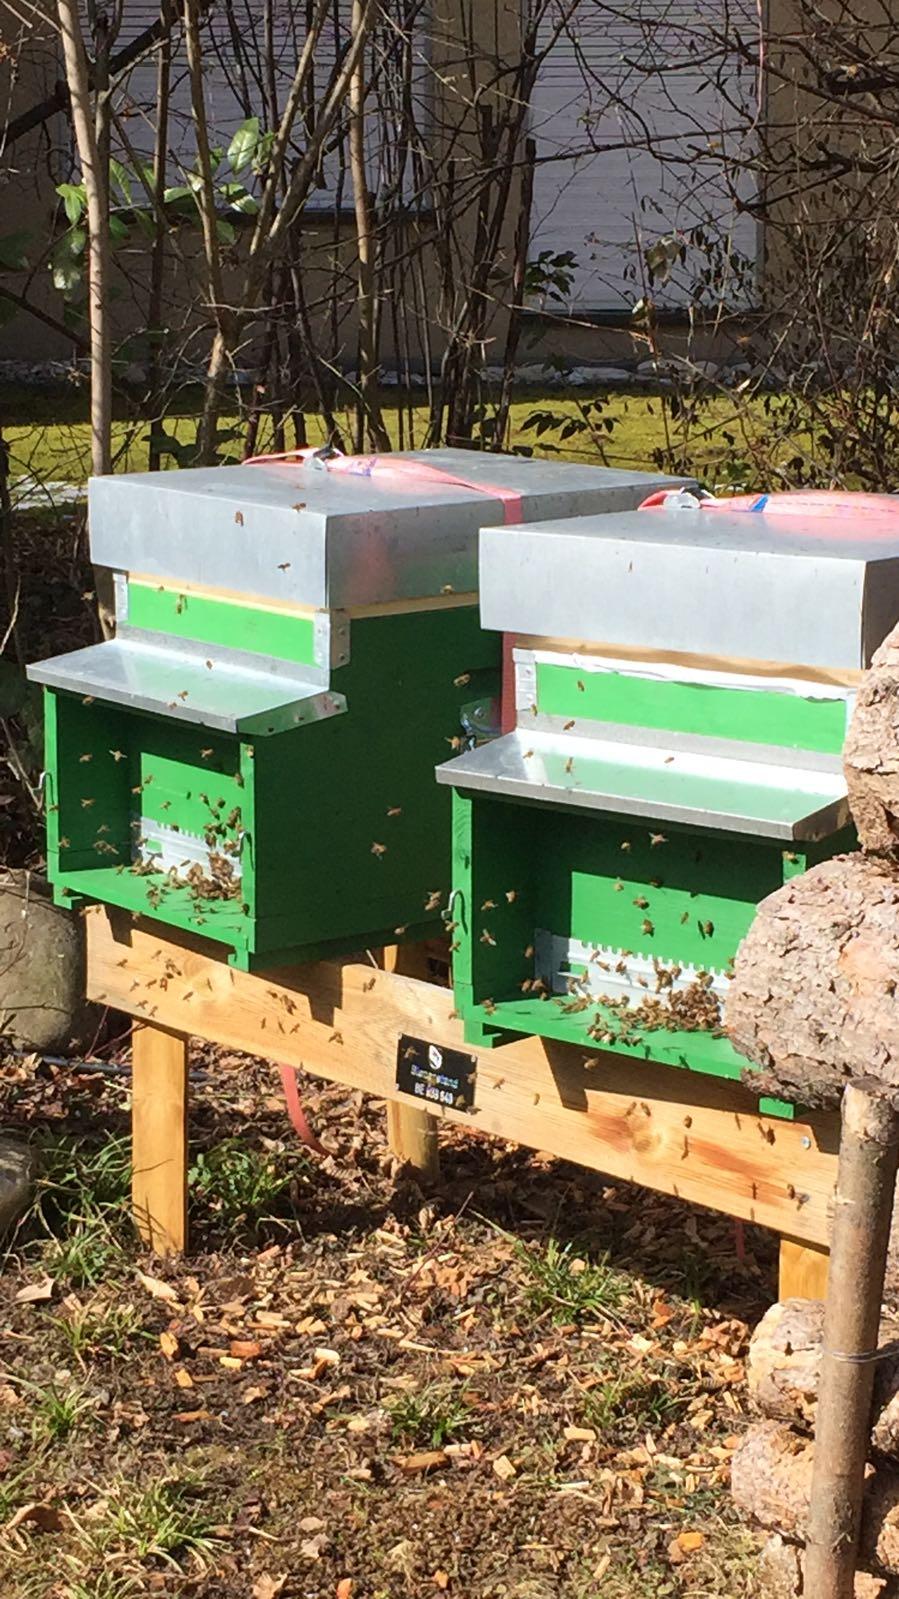 reger Bienenflug